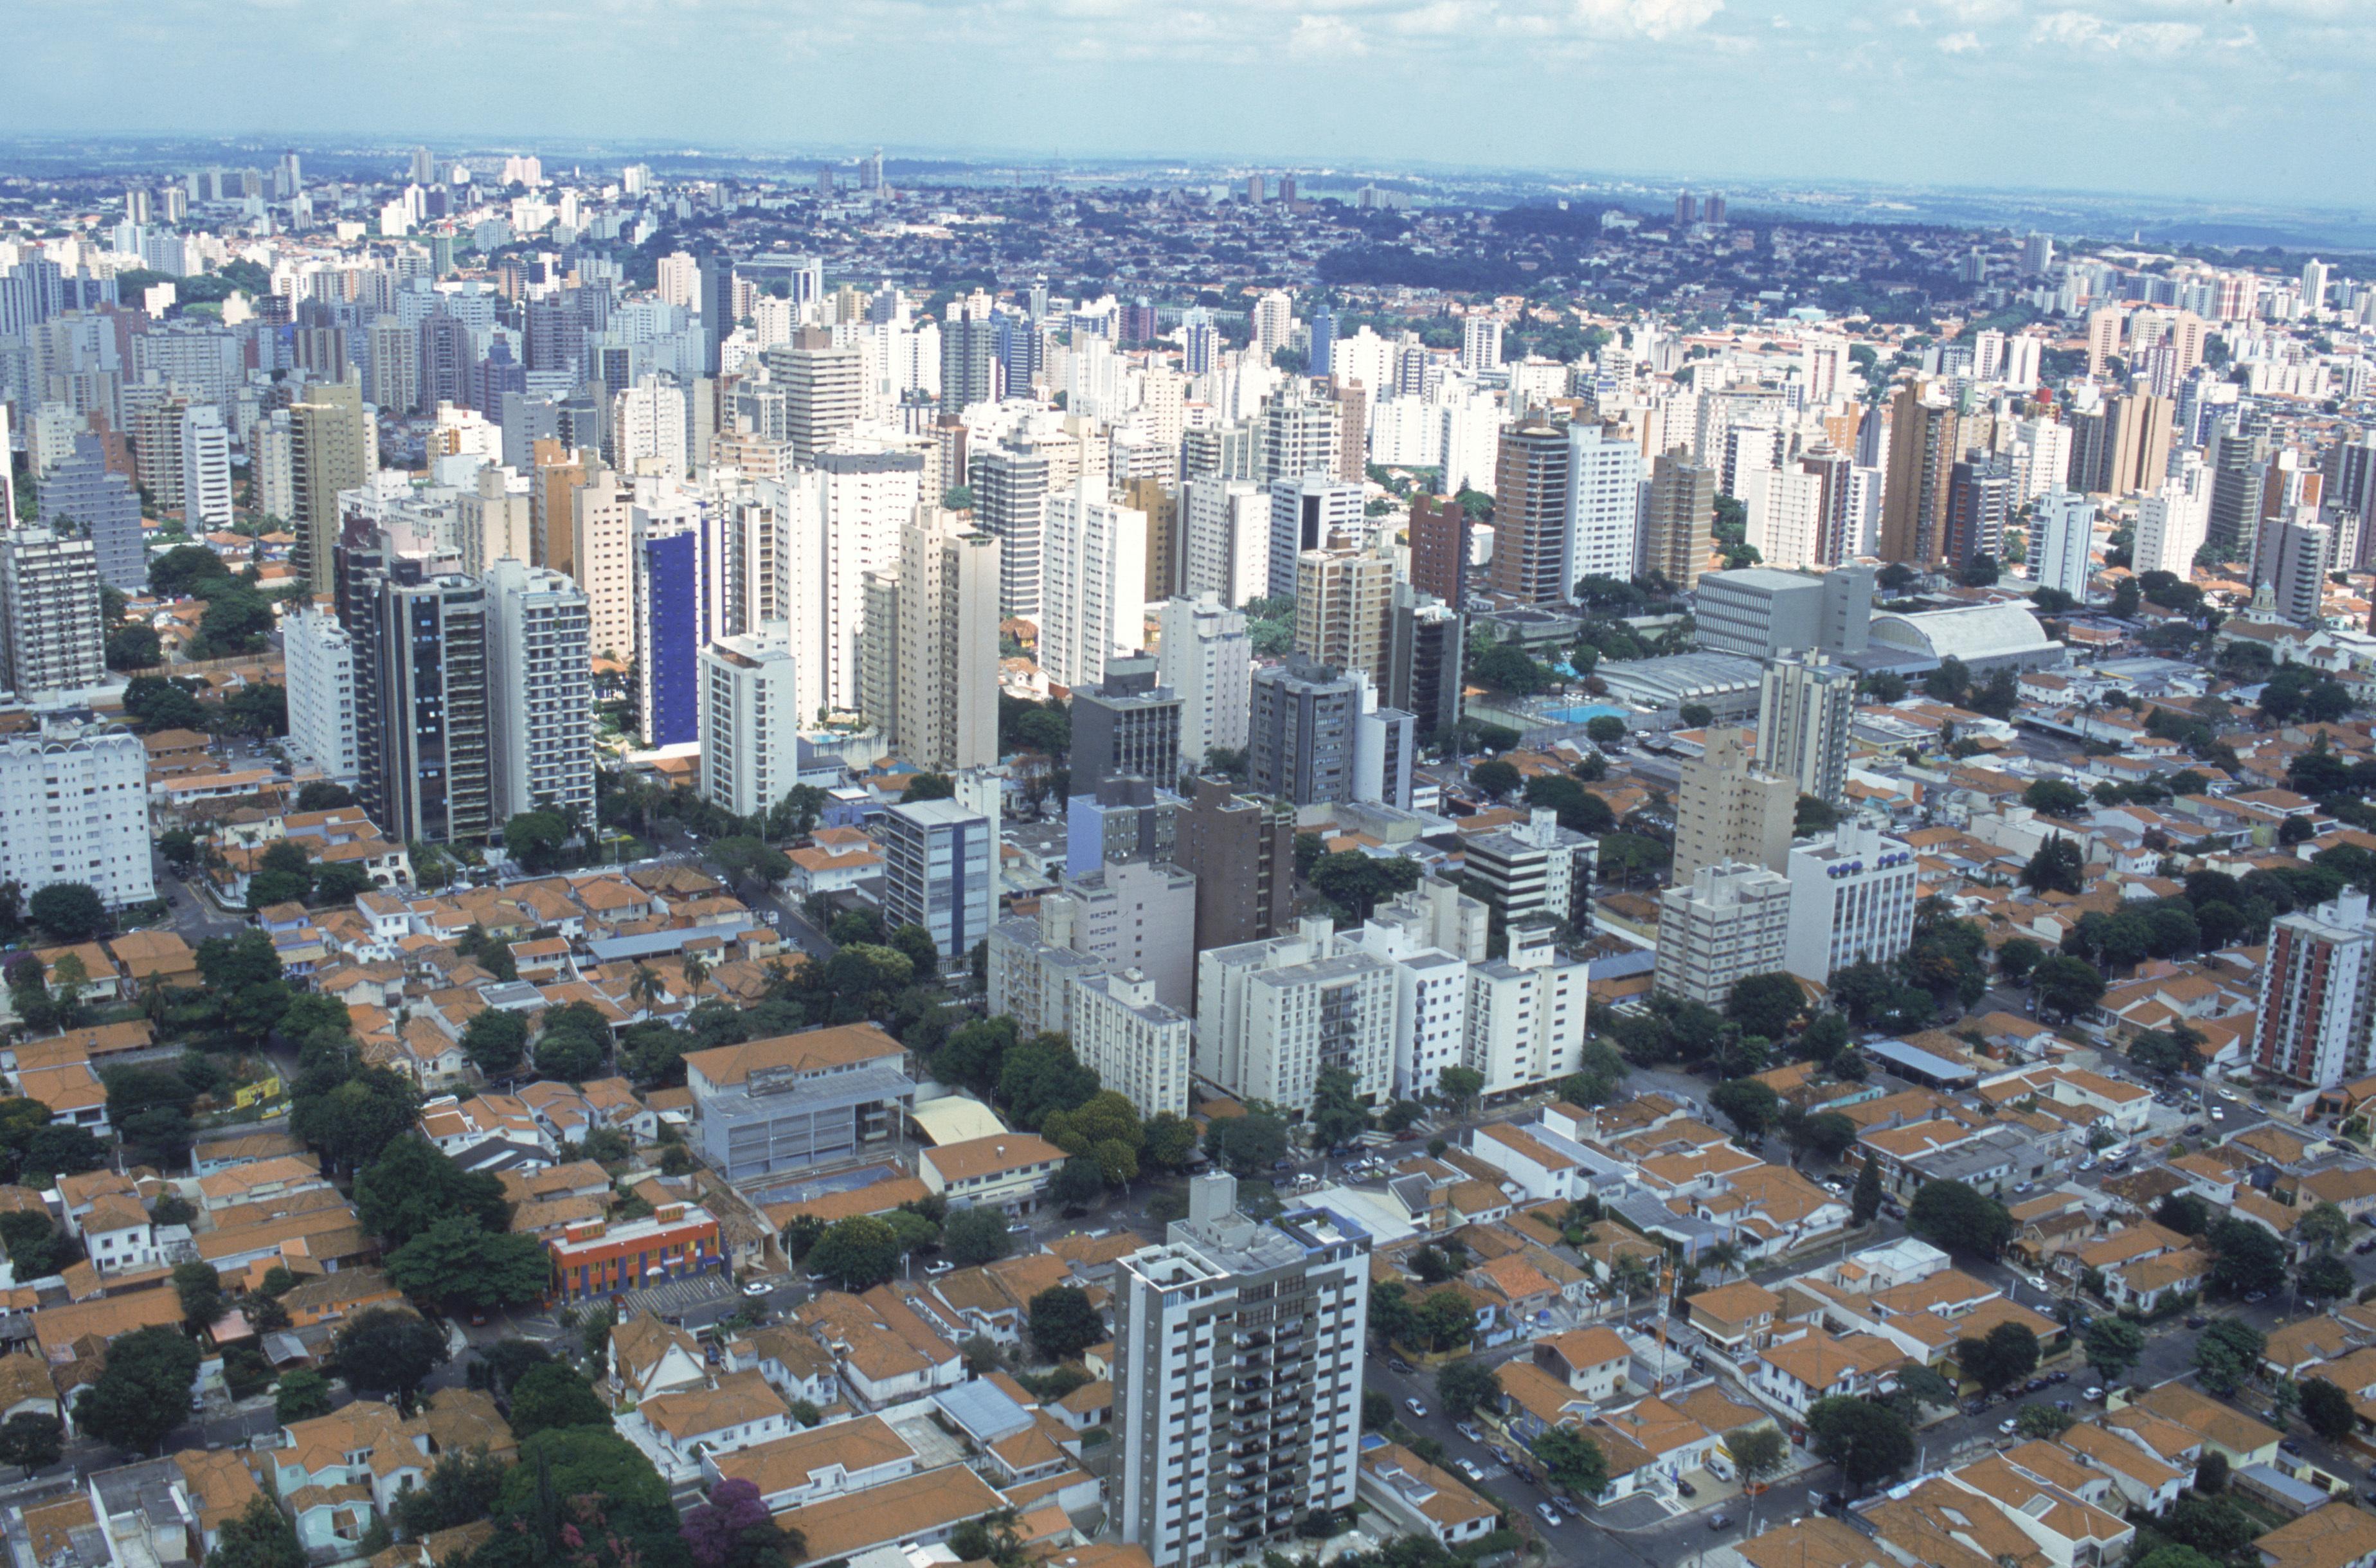 Fonte: viagemeturismo.abril.com.br